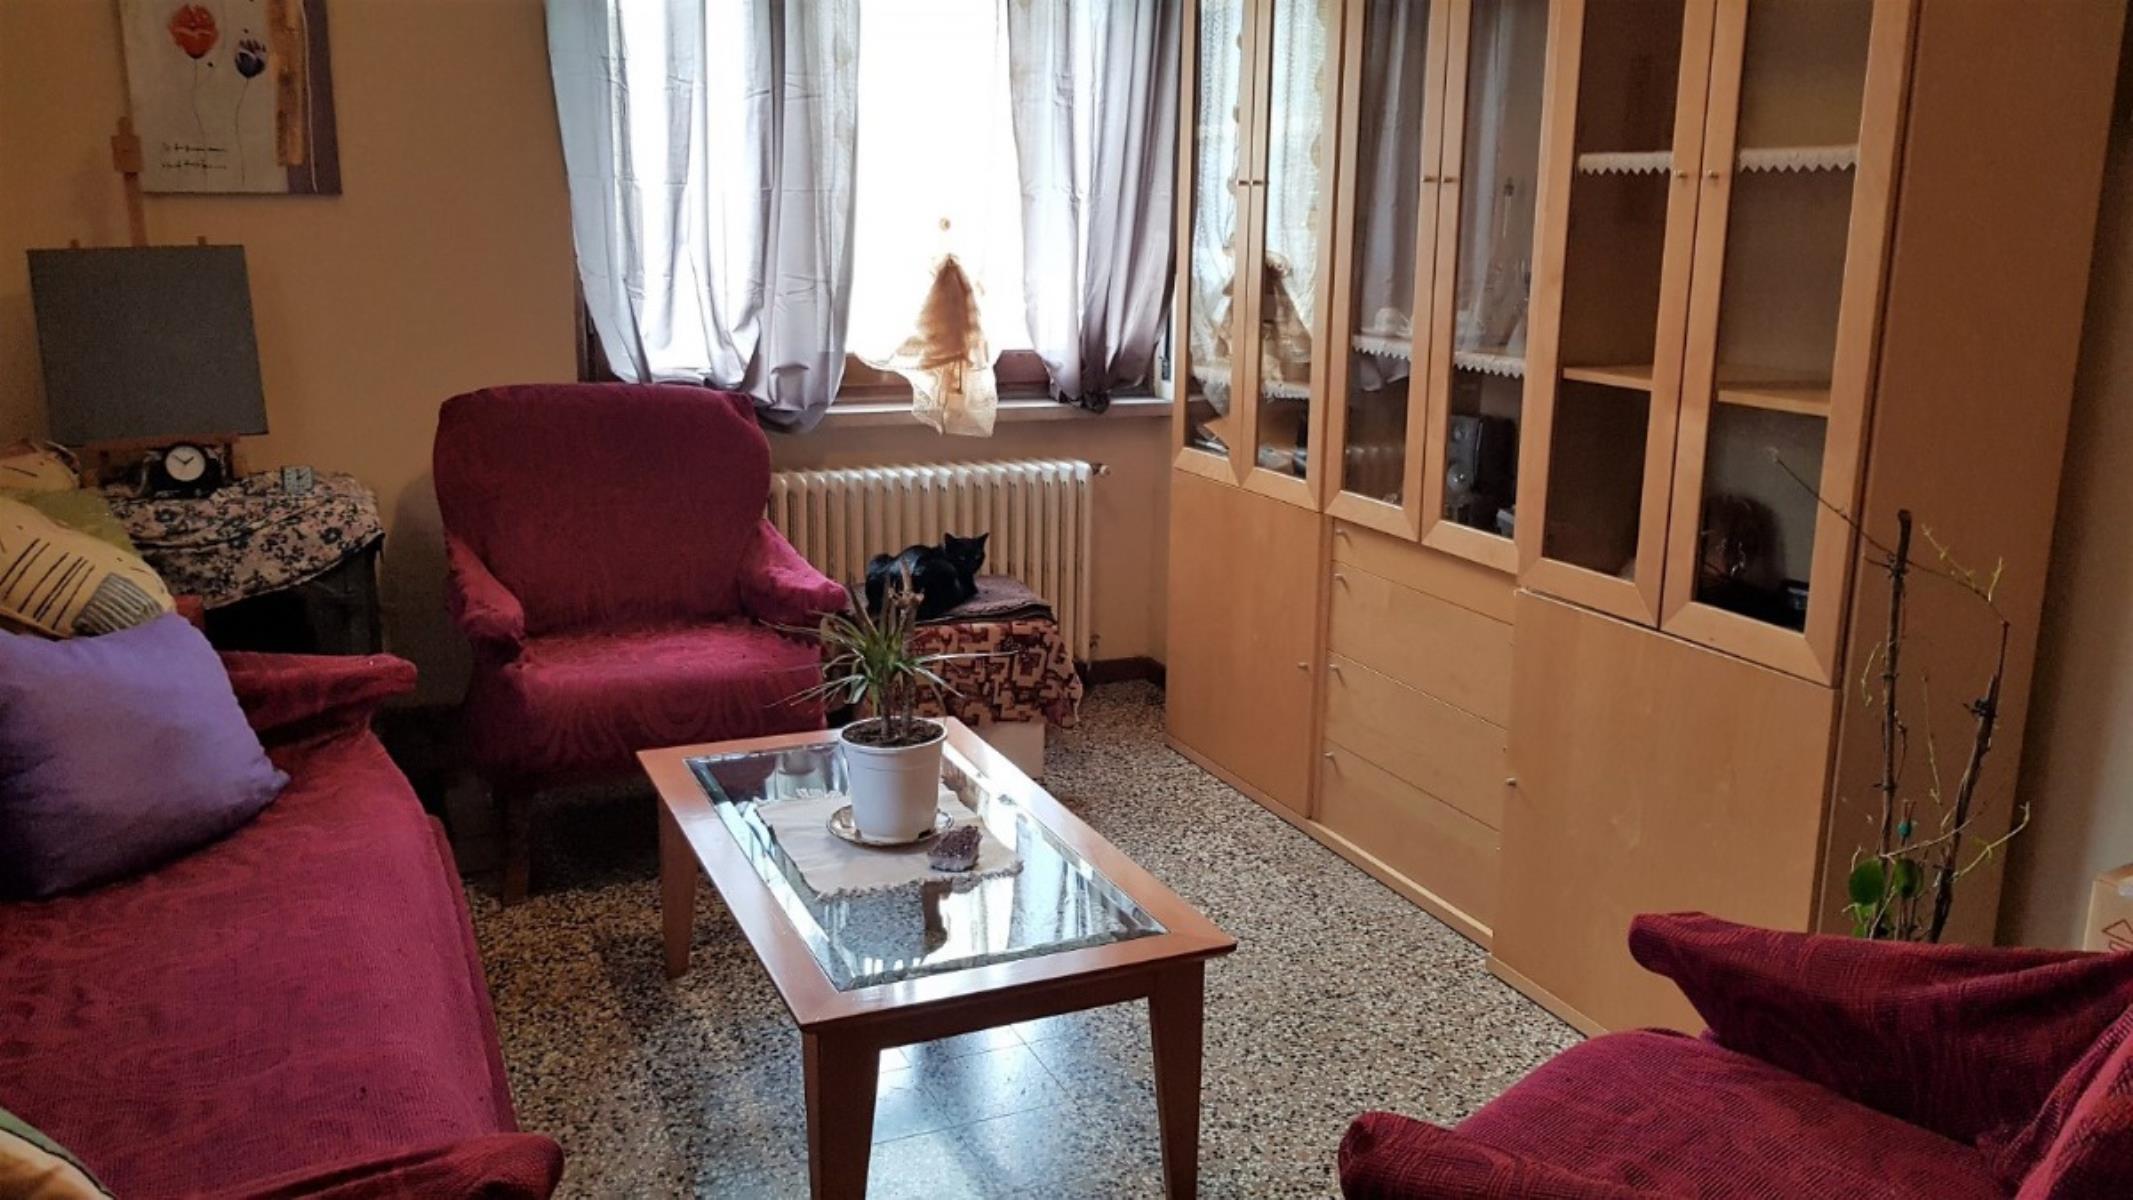 affitto appartamento di 90 m2 ivrea to studio idea casa